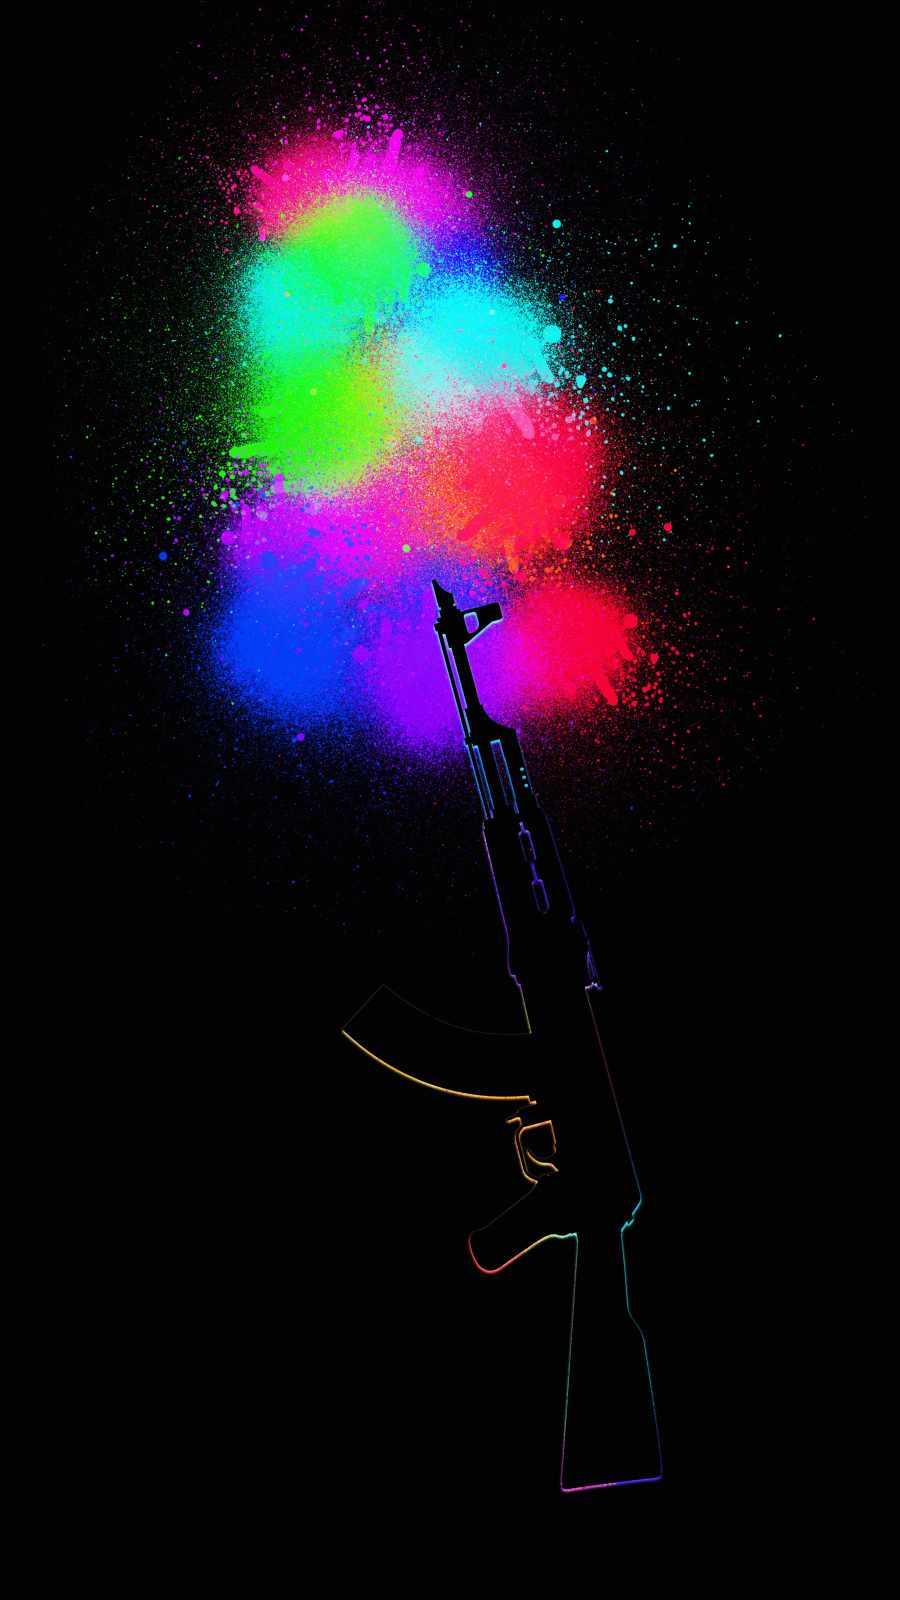 AK 47 Colors iPhone Wallpaper